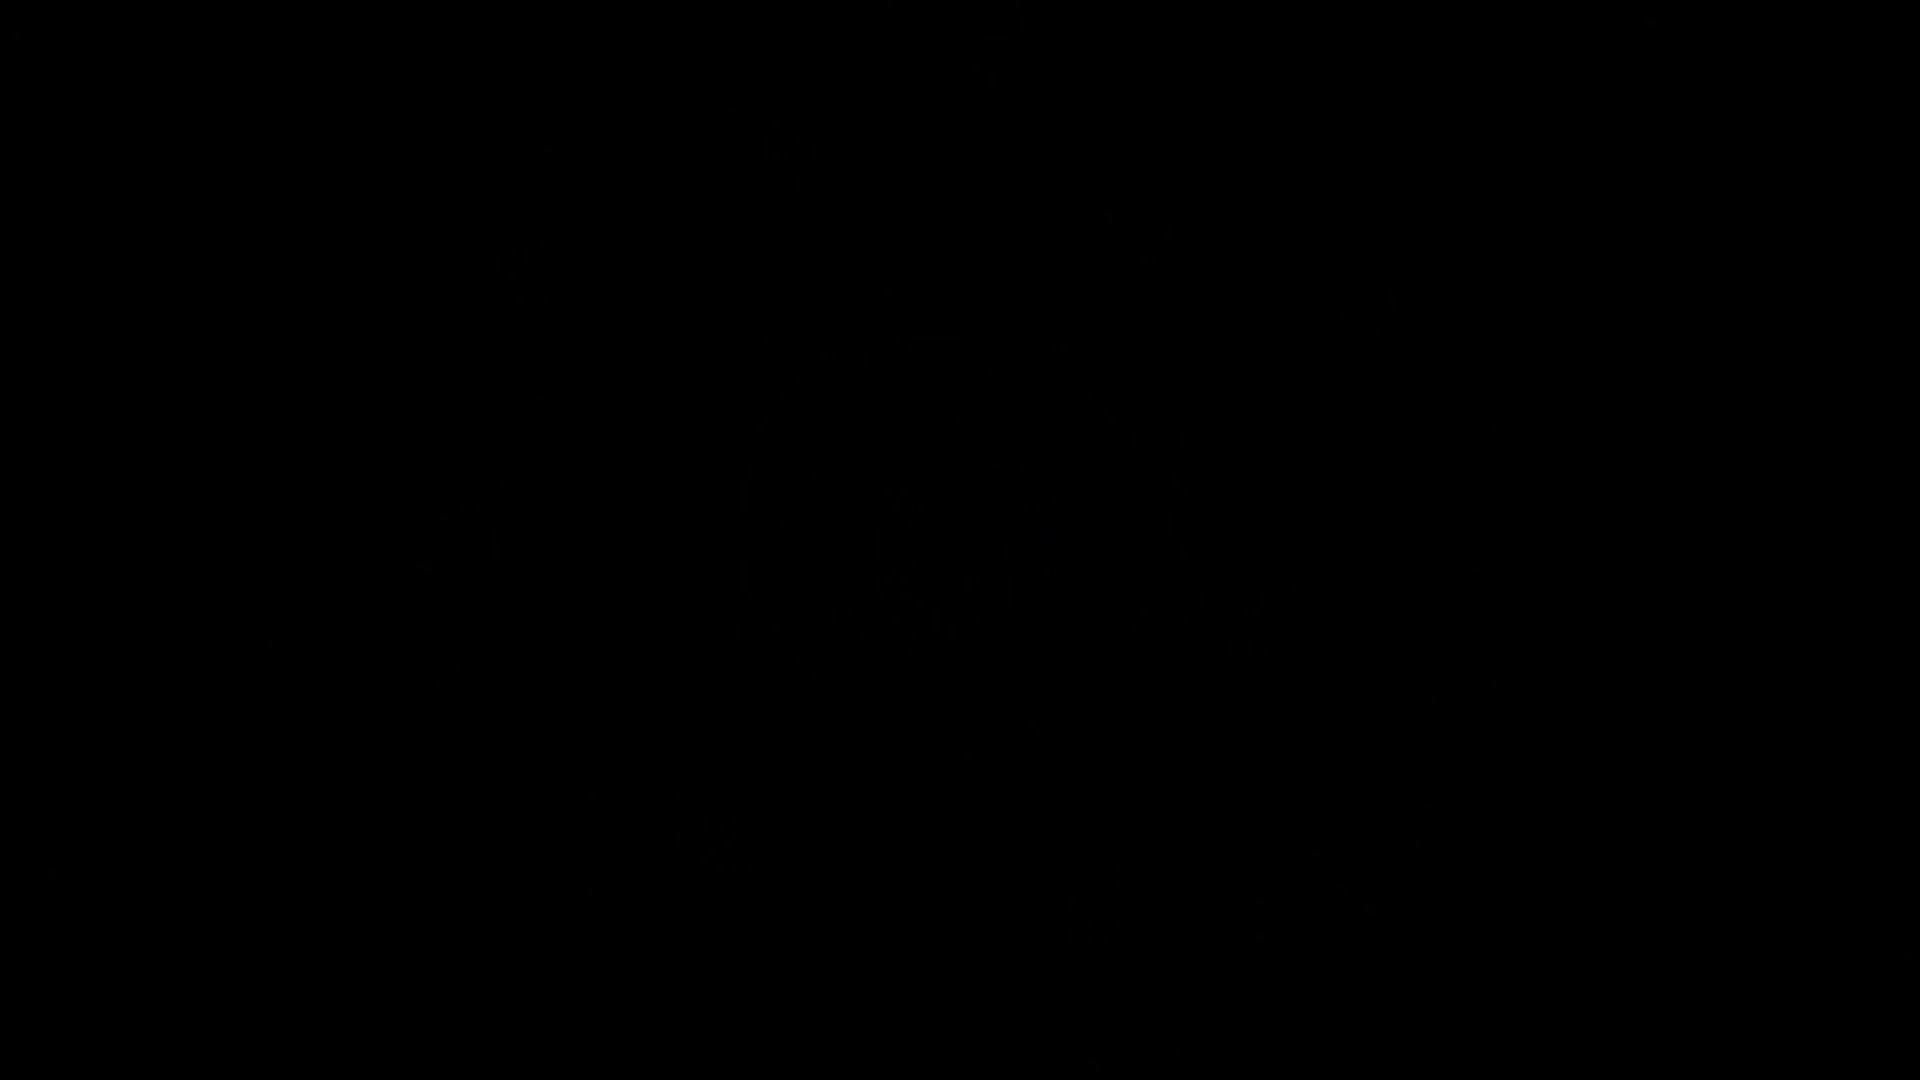 Stellaris Loop GIFs